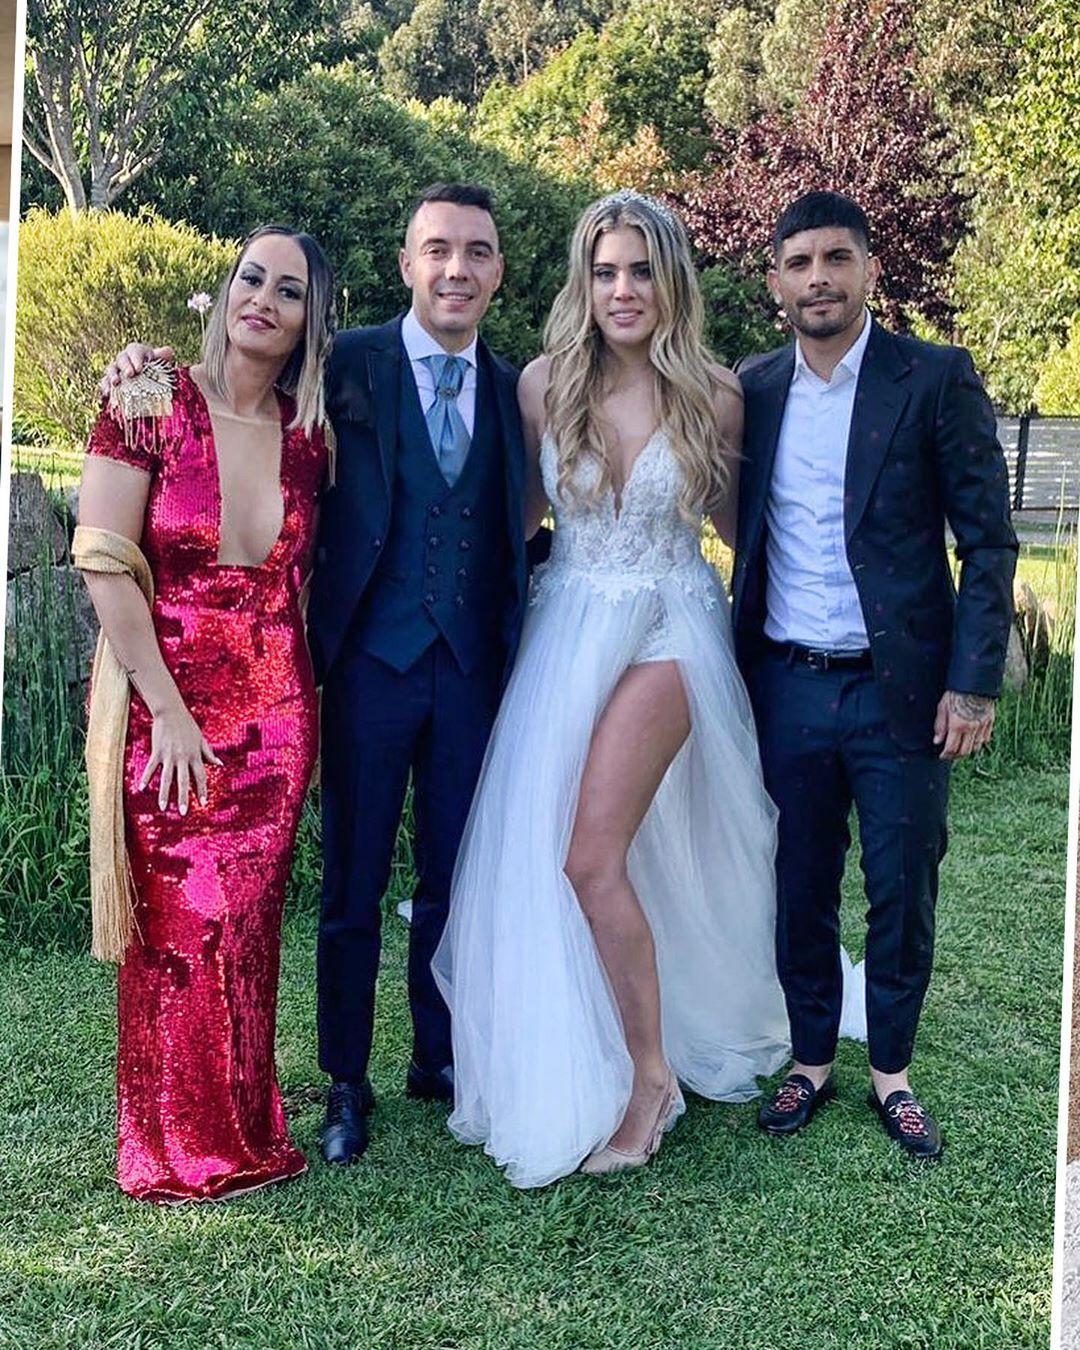 Chán cảnh độc thân, dàn sao bóng đá thi nhau cưới vợ trong hè này - Ảnh 8.